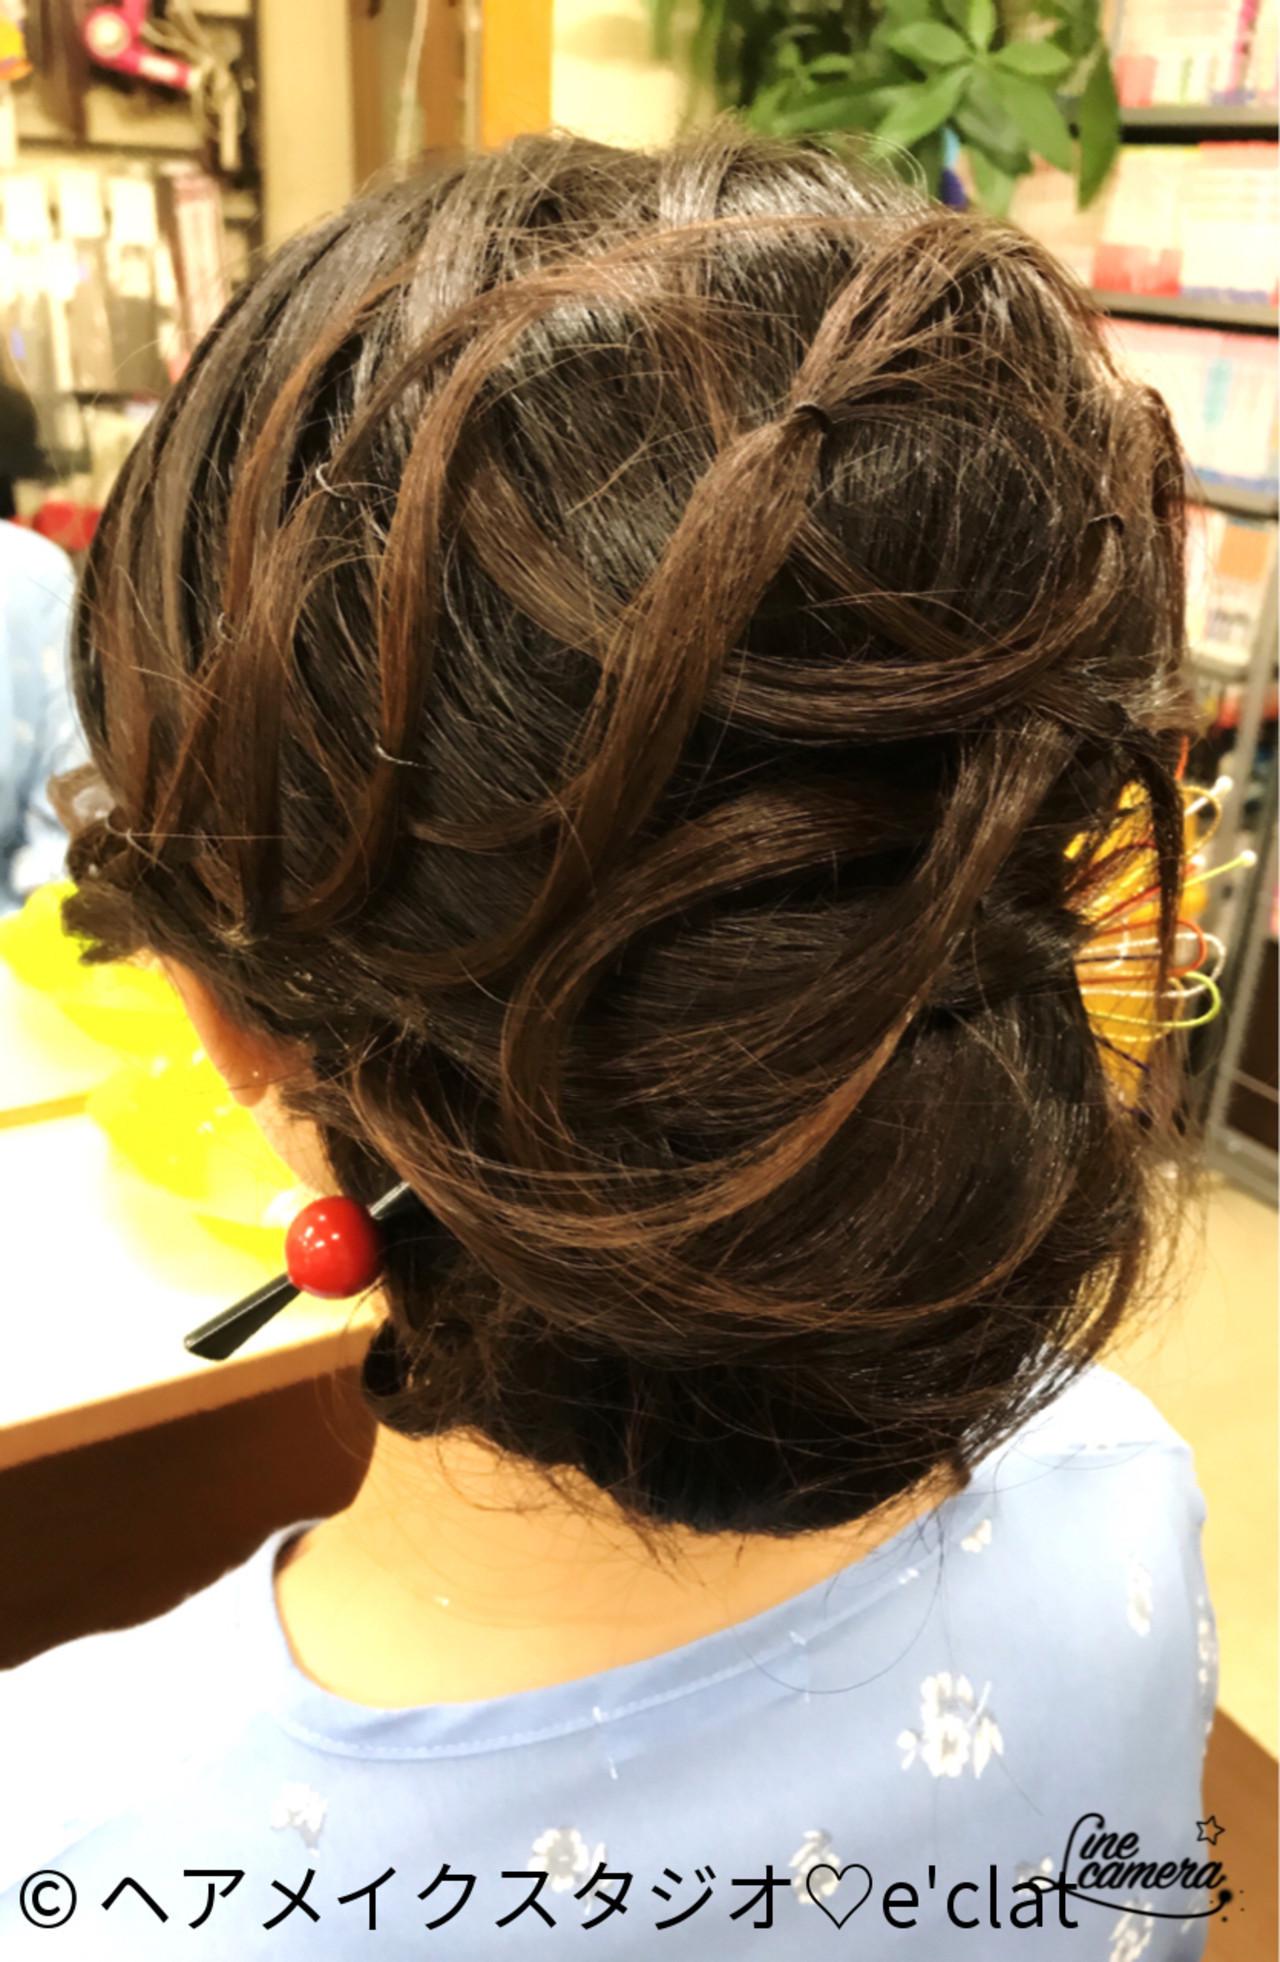 ヘアアレンジ ロング 色気 大人女子 ヘアスタイルや髪型の写真・画像